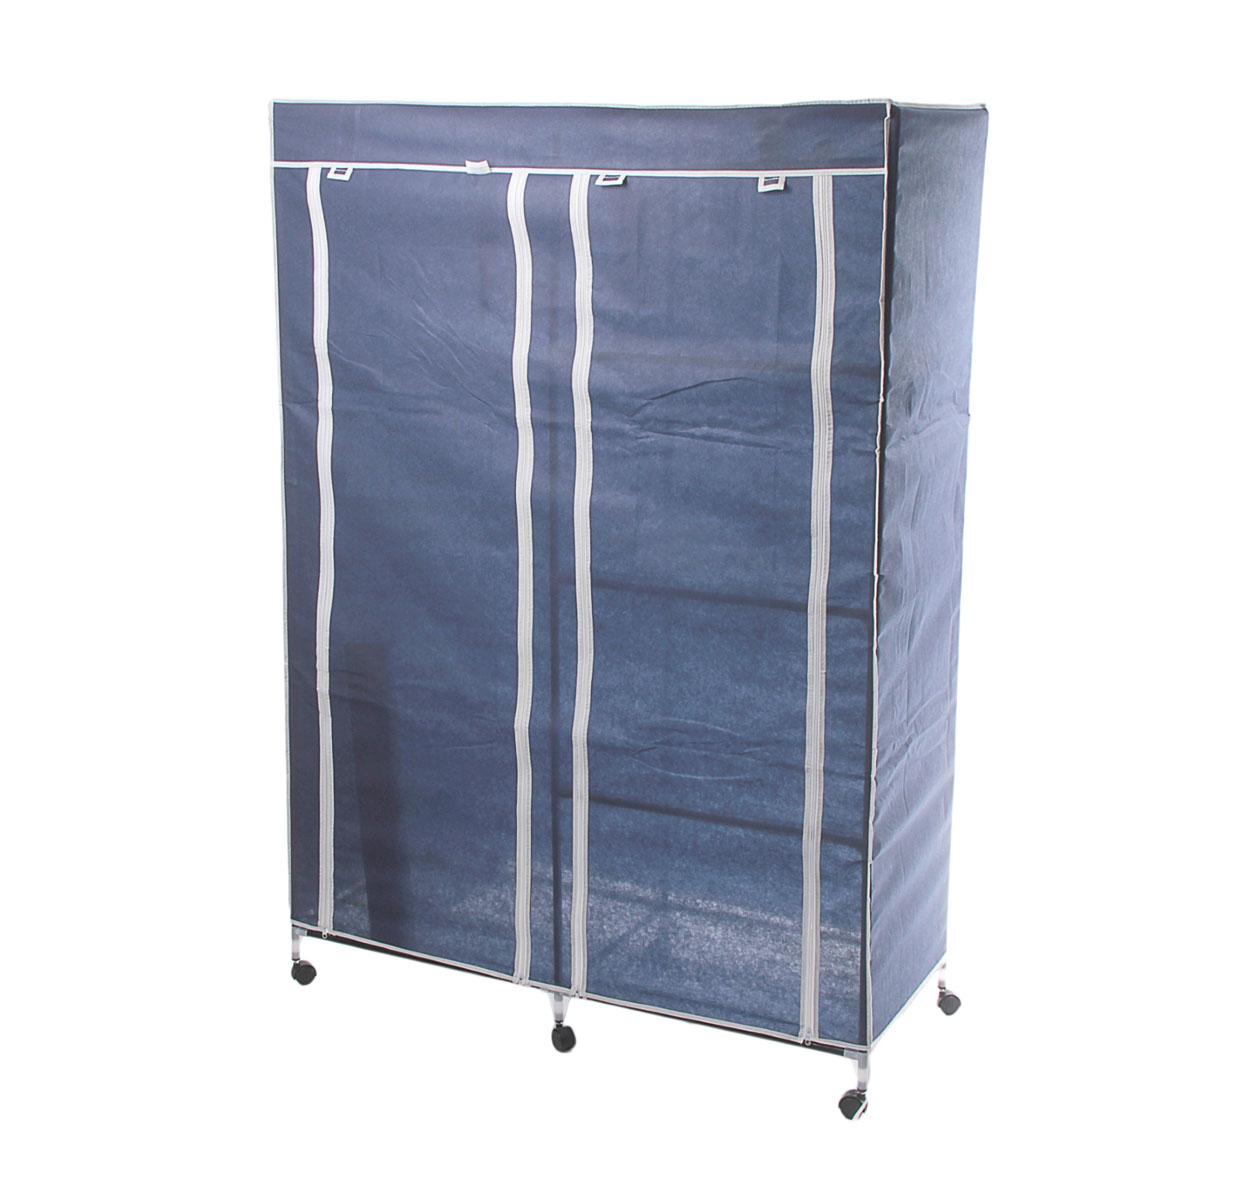 Мобильный шкаф для одежды Sima-land, цвет: синий, 120 см х 50 см х 175 см. 17892398295719Мобильный шкаф для одежды Sima-land, предназначенный для хранения одежды и других вещей, это отличное решение проблемы, когда наблюдается явный дефицит места или есть временная необходимость. Складной тканевый шкаф - это мобильная конструкция, состоящая из сборного металлического каркаса, на который натянут чехол из нетканого полотна. Корпус шкафа сделан из легкой, но прочной стали, а обивка из полиэстера, который можно легко стирать в стиральной машинке. Шкаф оснащен двумя отделами с текстильными дверями, которые закрываются на застежки-молнии. Чтобы открыть шкаф вы можете скрутить двери и зафиксировать их наверху с помощью ремешков на липучках. В одном отделе присутствует перекладина для хранения вещей на вешалках, во втором отделе - 3 вместительные полки. Изделие снабжено колесиками для удобной транспортировки.